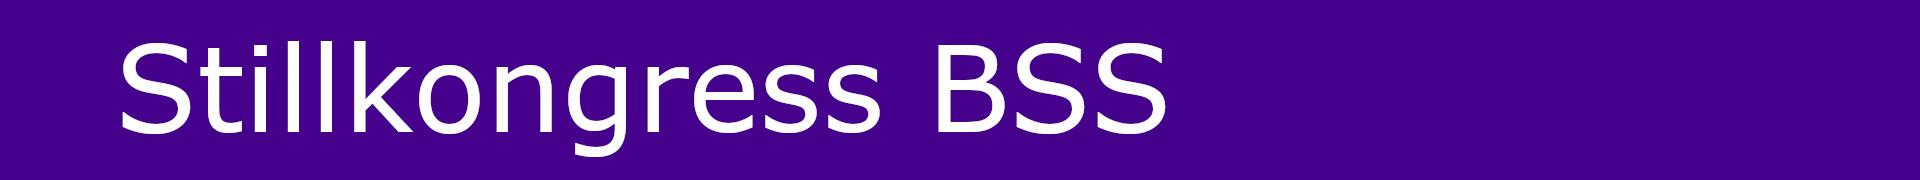 Stillkongress BSS